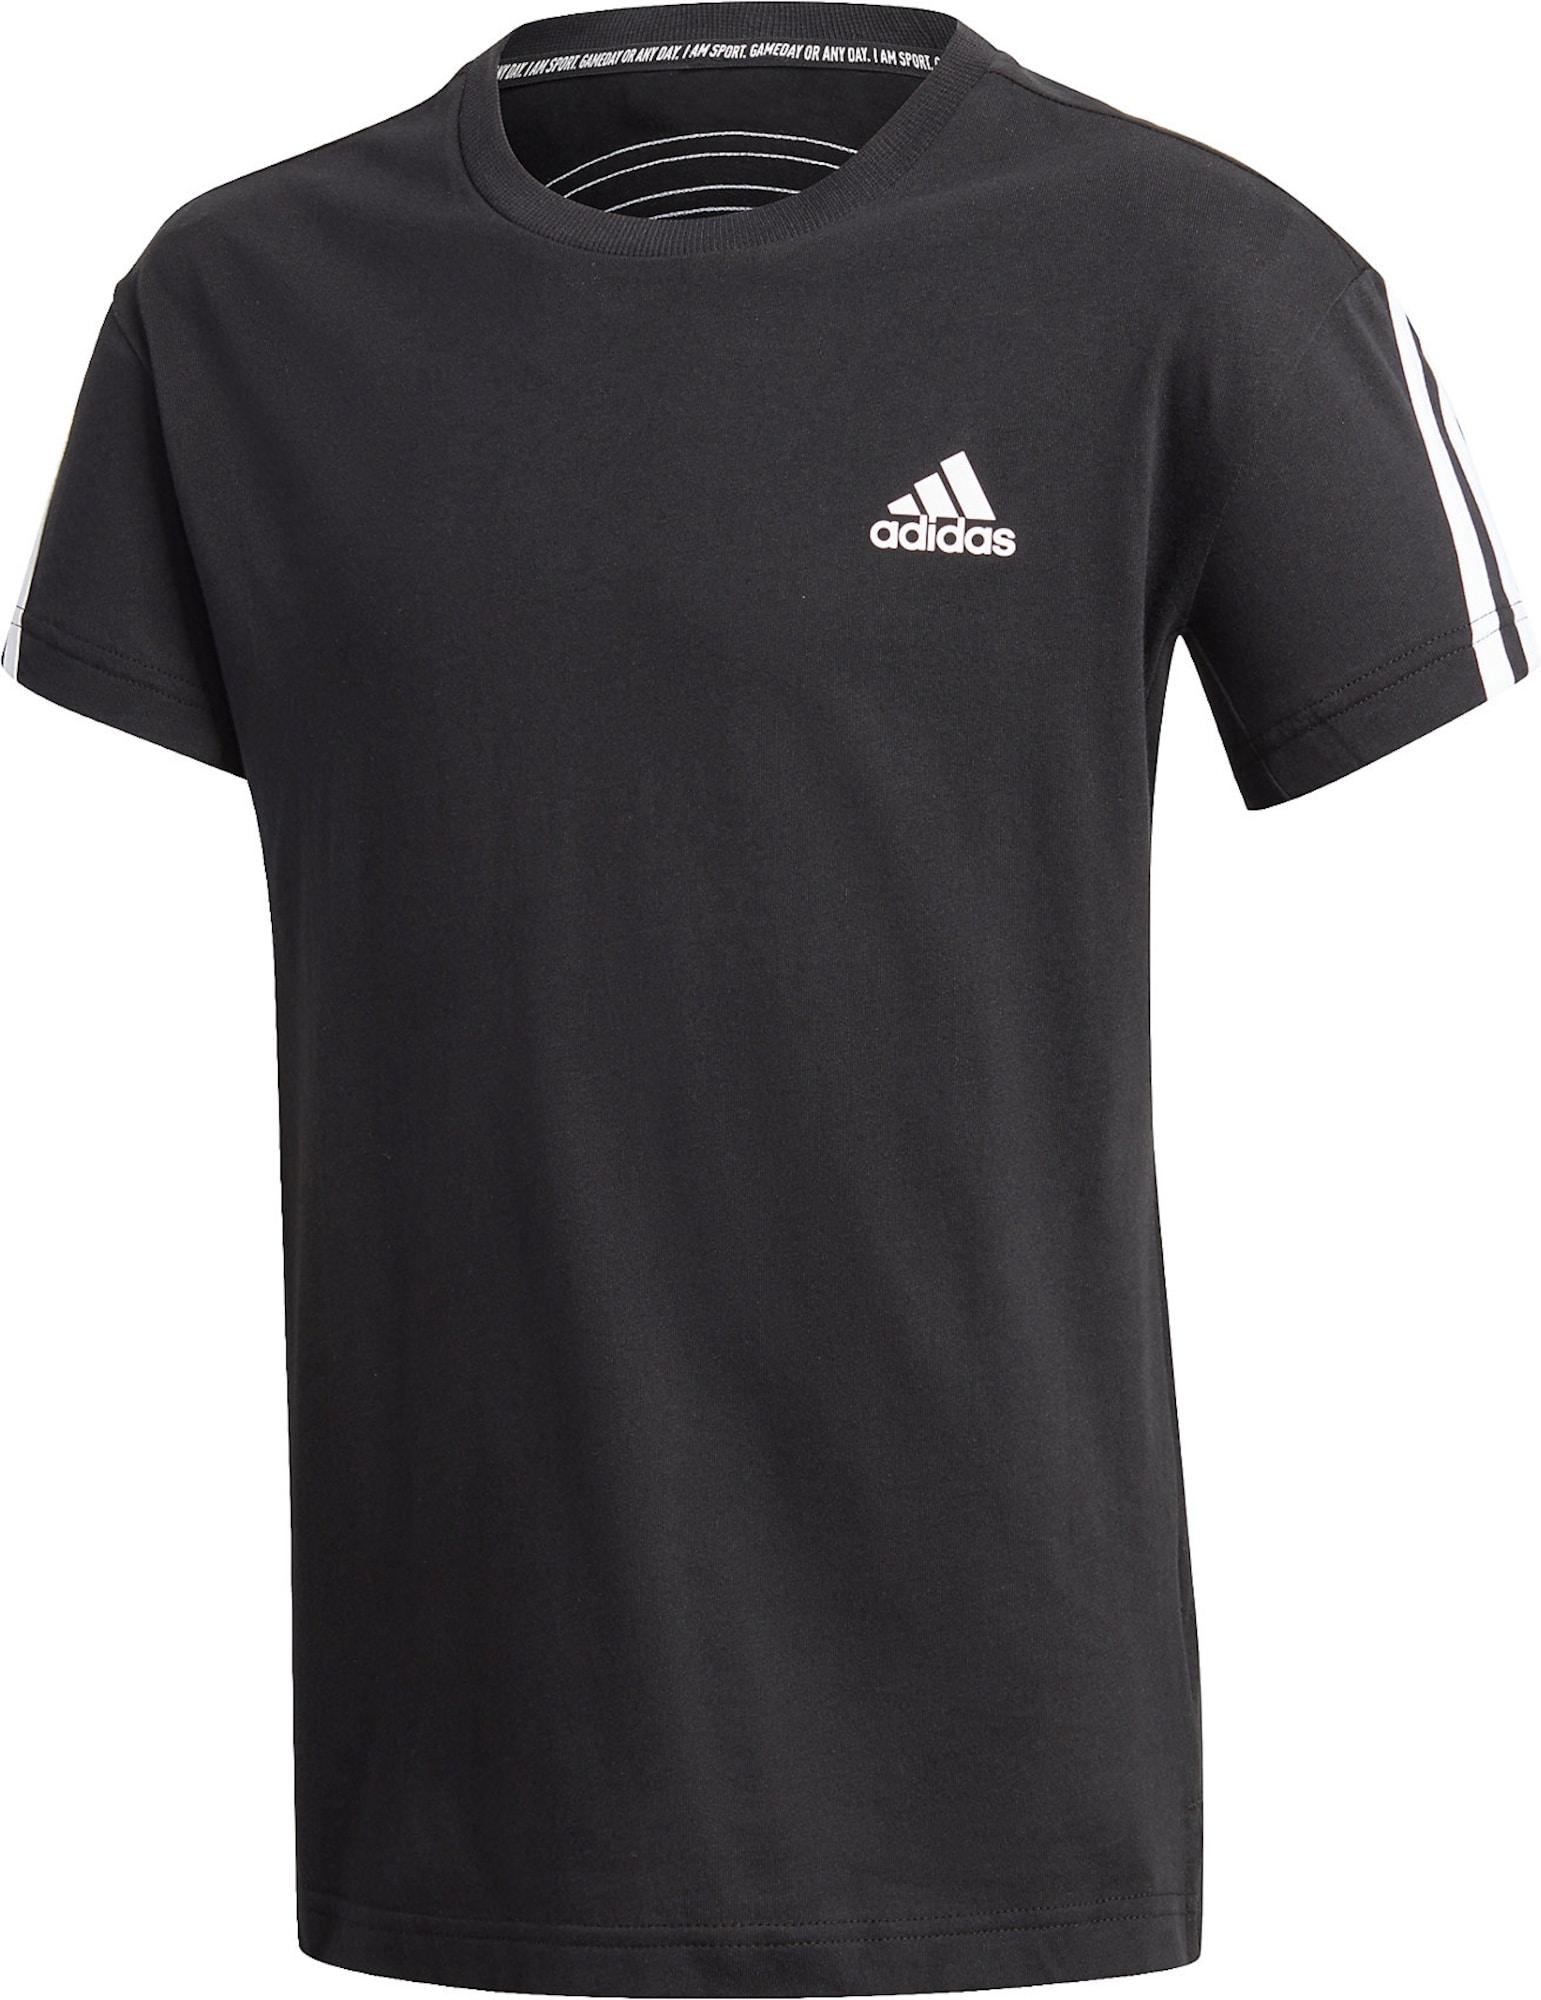 ADIDAS PERFORMANCE Marškinėliai juoda / balta